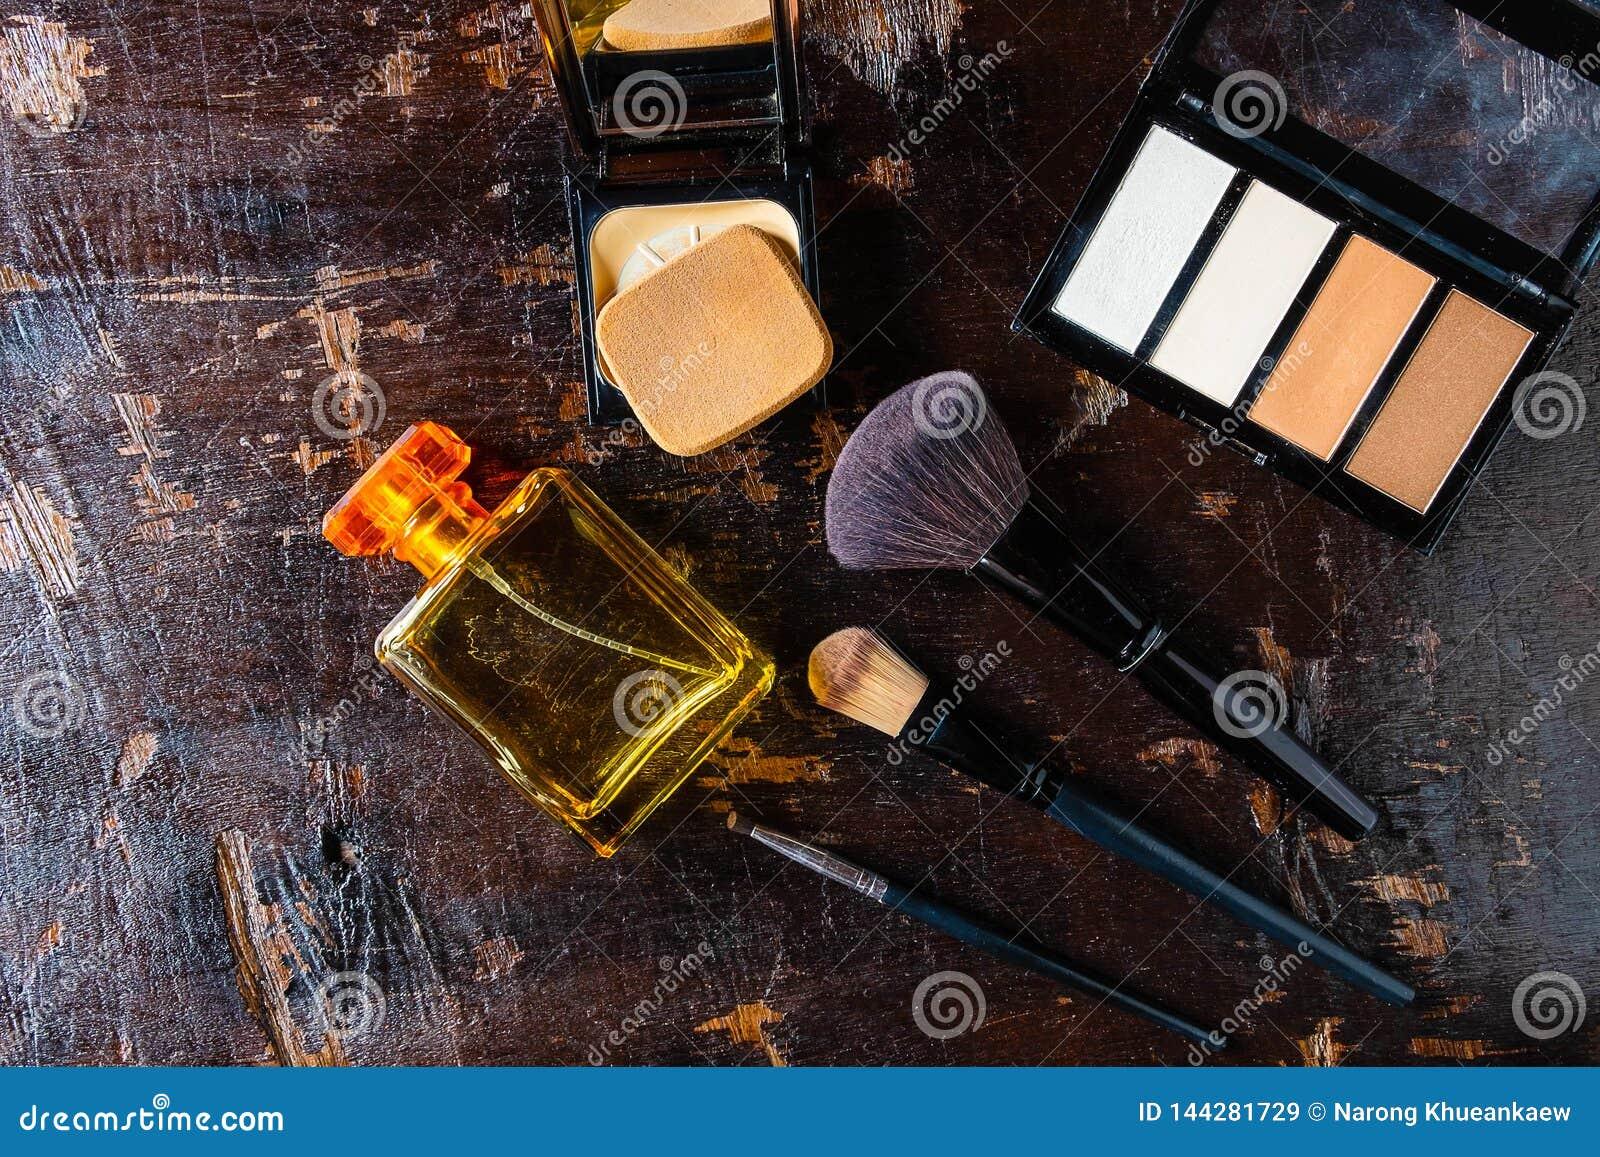 Kosmetik und Parfümflaschen für Frau